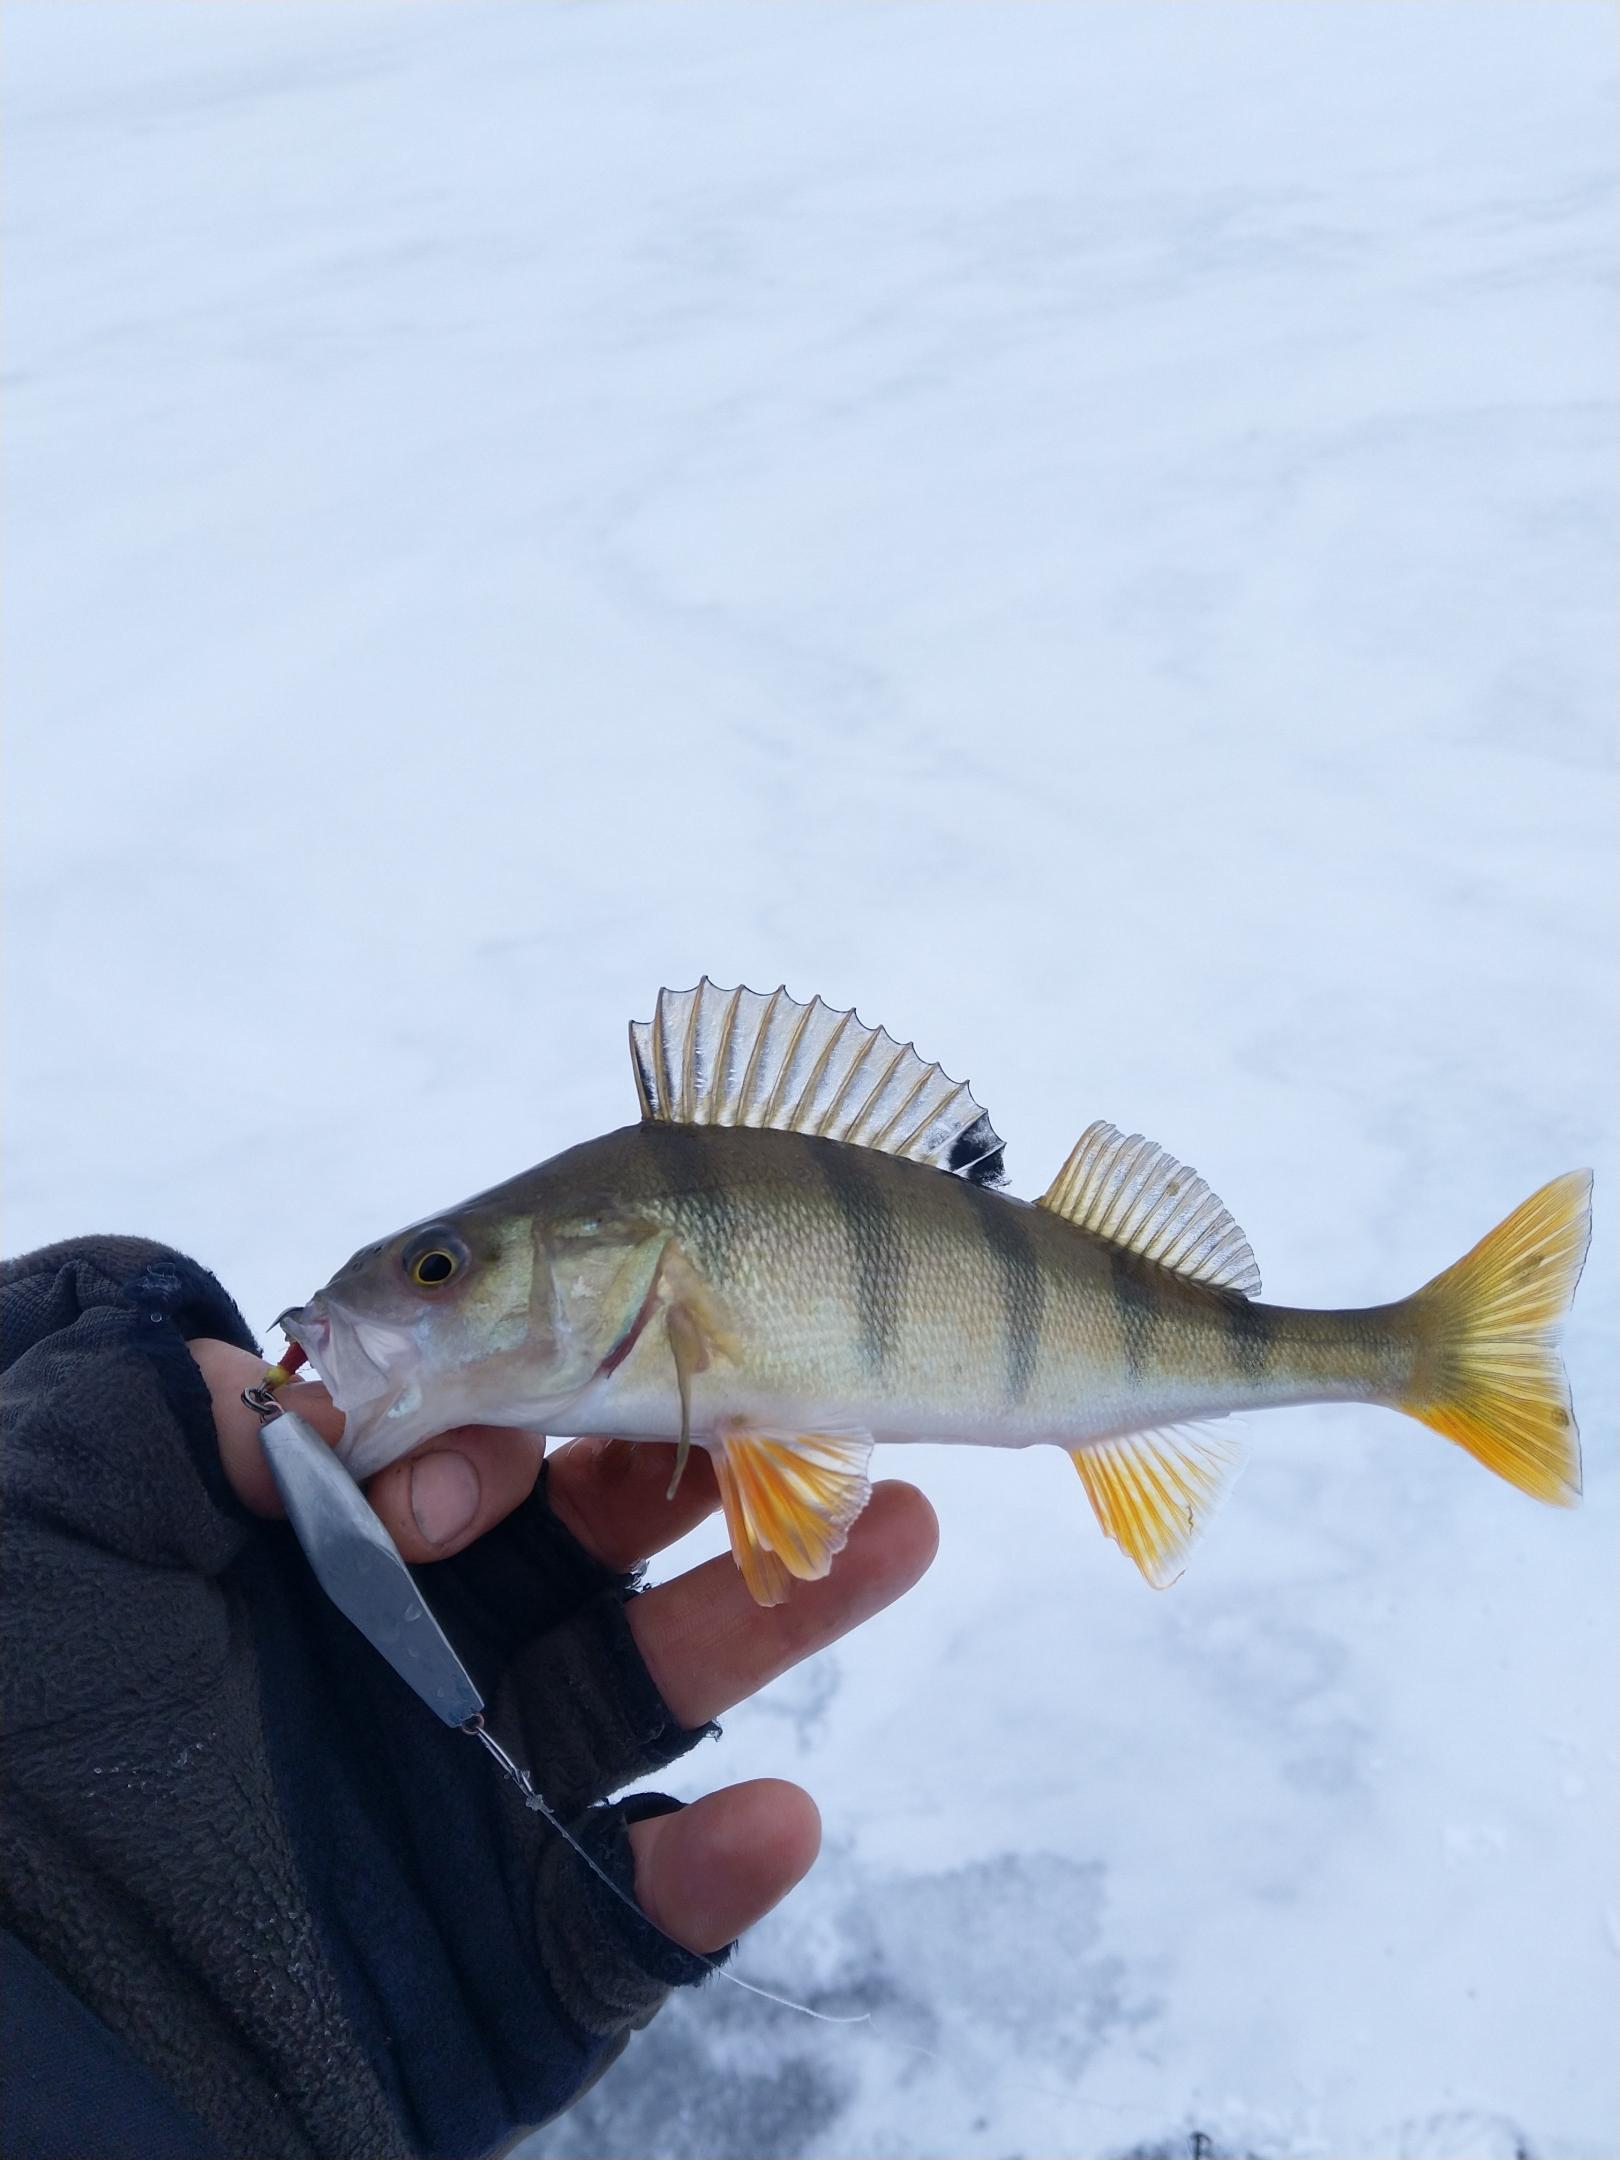 Были сегодня, в составе 4-х человек. Лёд с ... | Отчеты о рыбалке в Беларуси